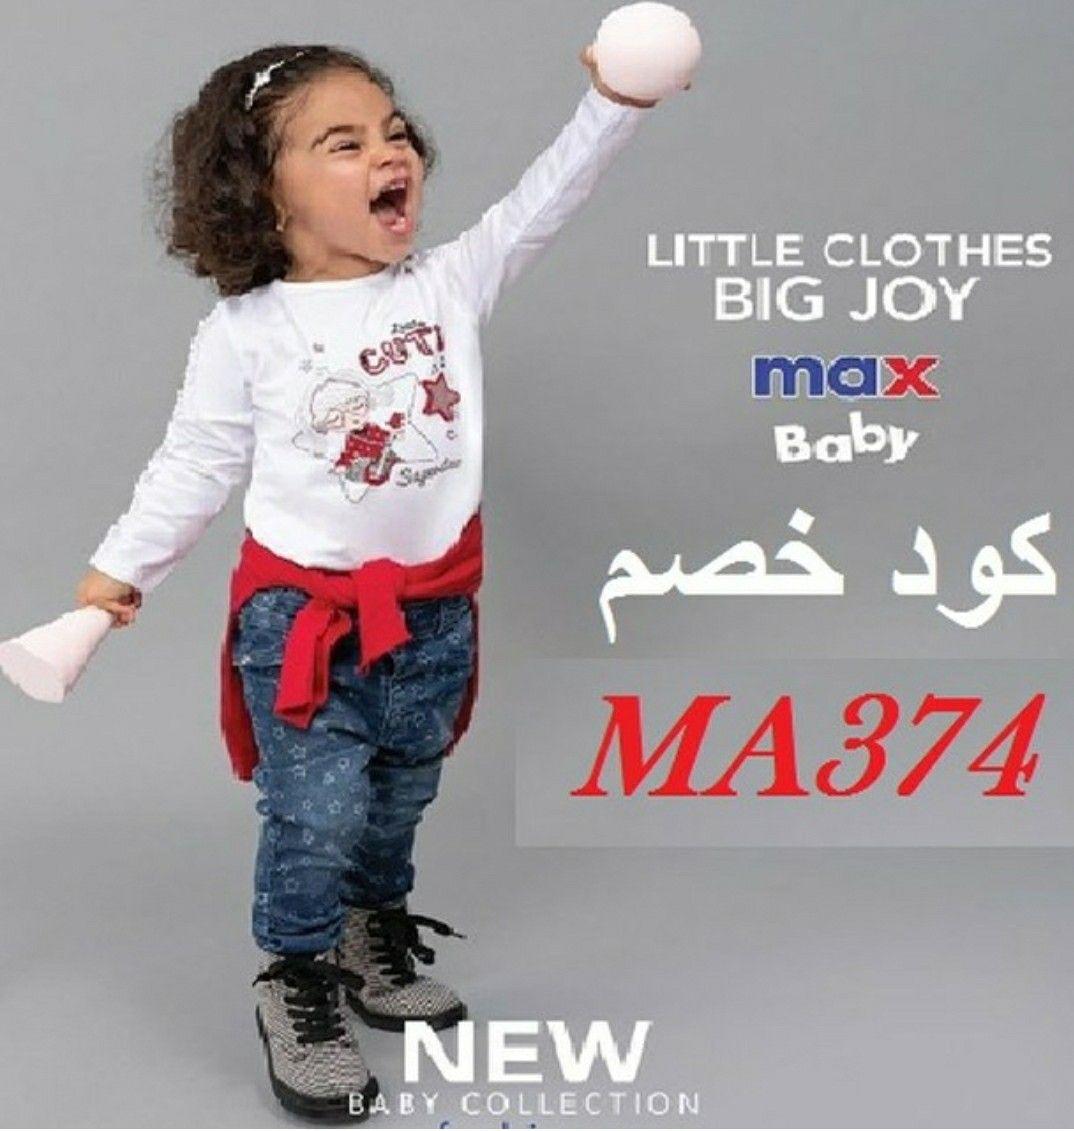 كود خصم ماكس فاشون Ma374 Maxfashon Coupons Big Clothes New Baby Products Joy Baby